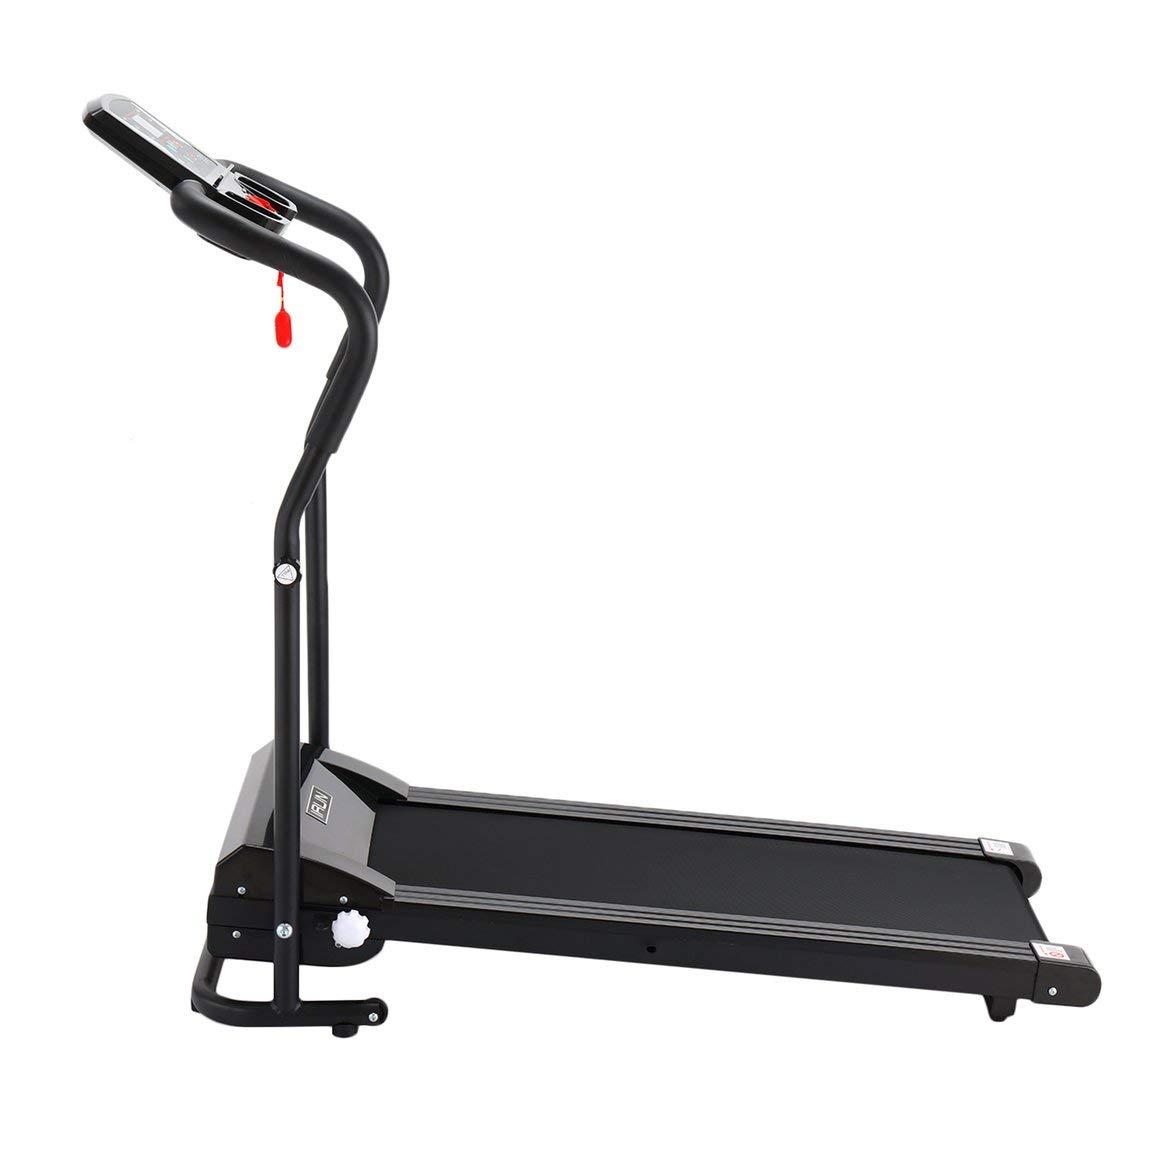 Funnyrunstore S100-5 Elektrische Laufband Multifunktions Mute Fitnessgeräte Wide Run Gürtel Laufband Heimfitnessgeräte Für das Training